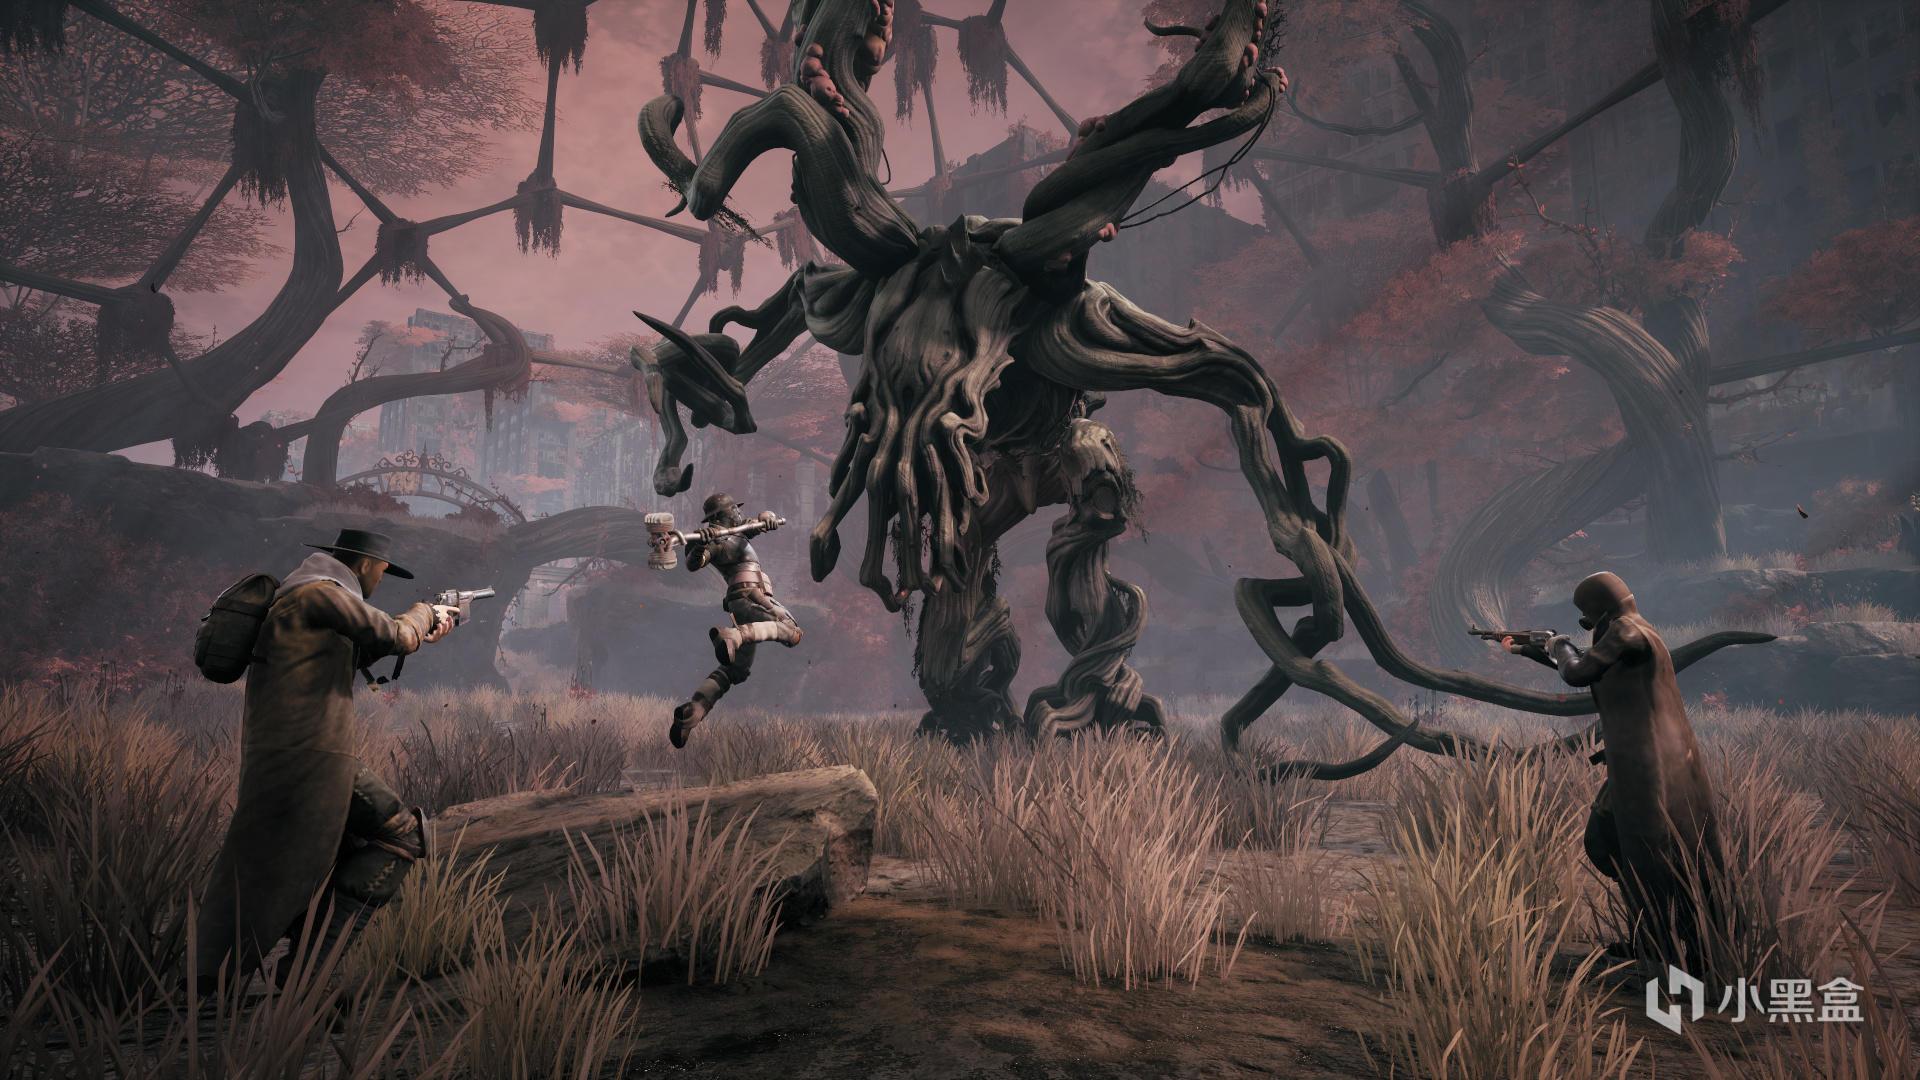 Epic8月13日免费领取游戏一览